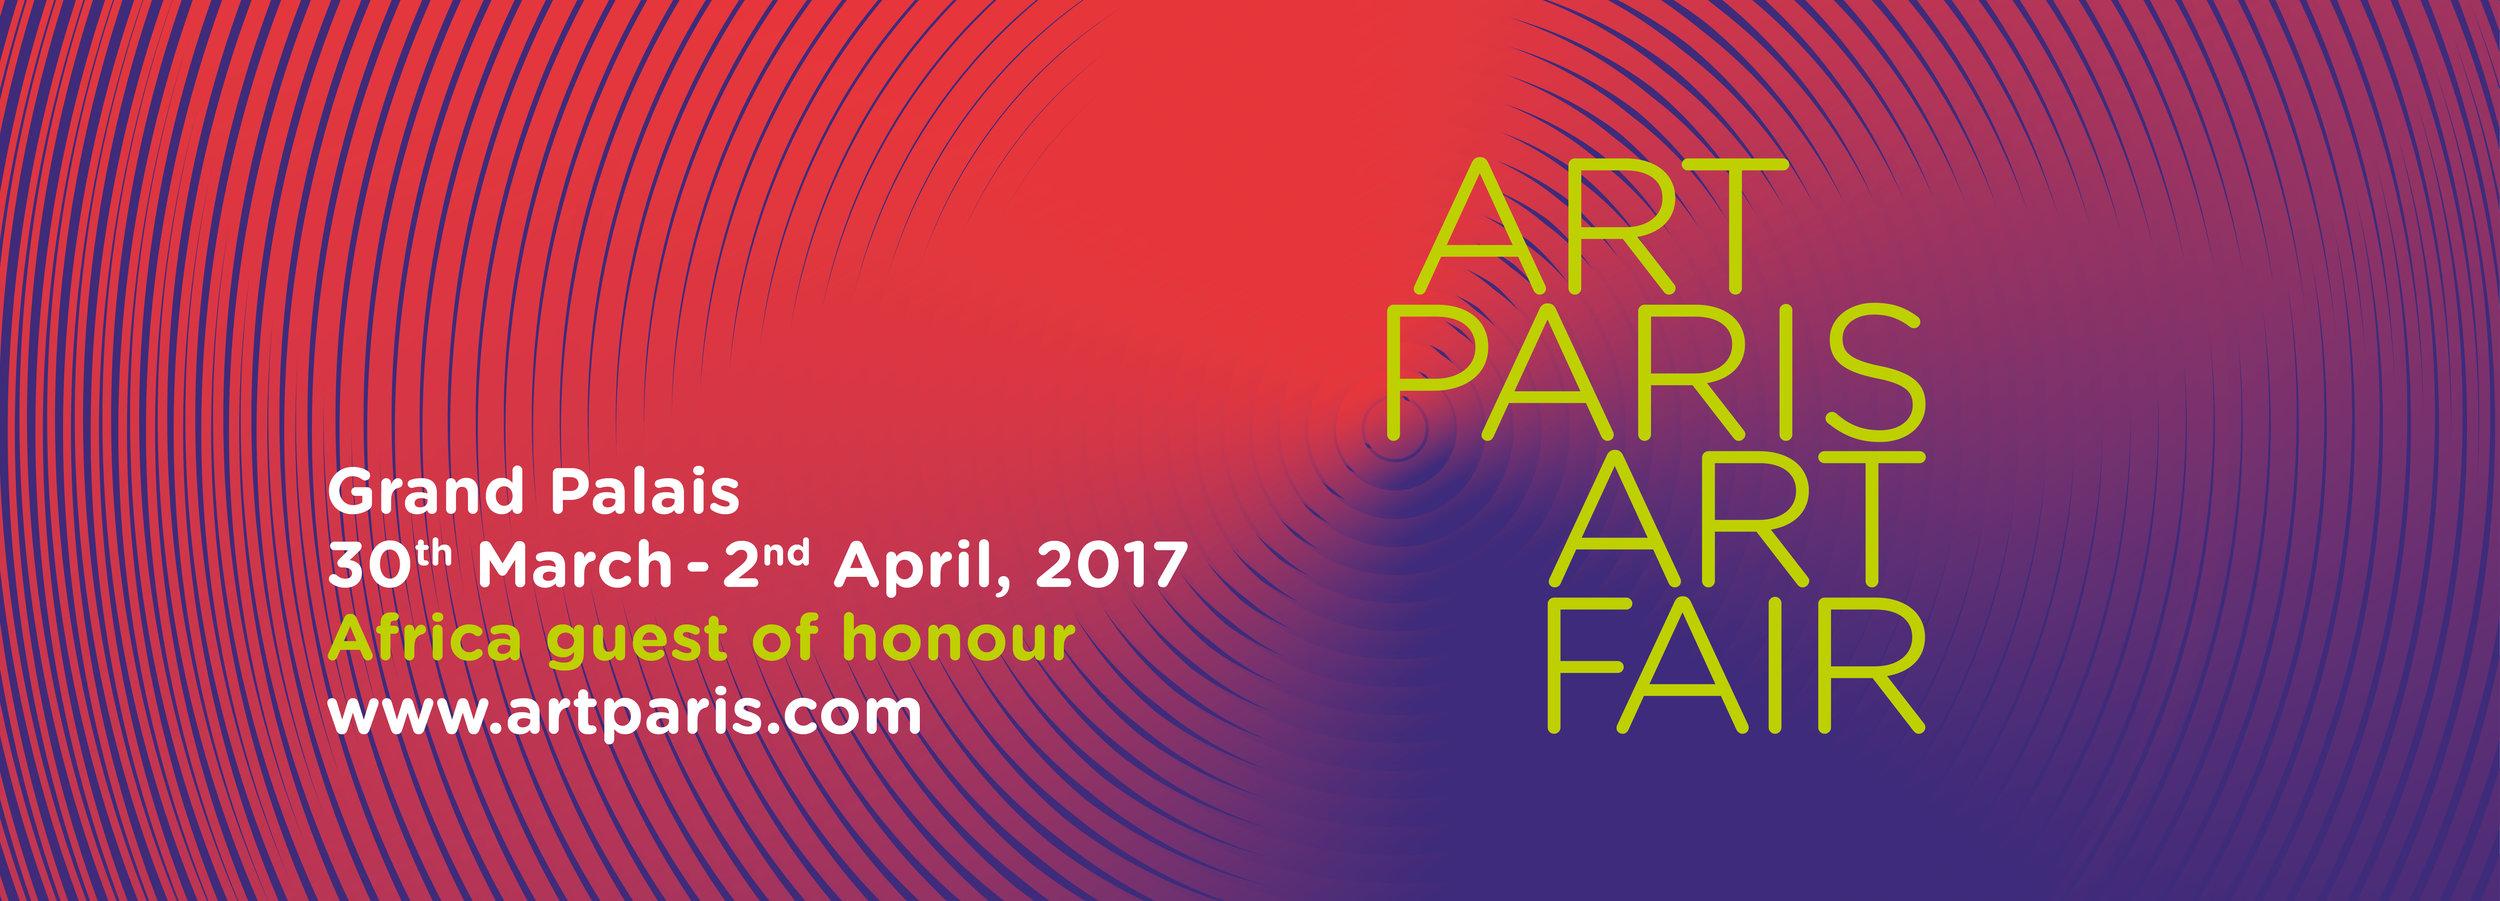 Galerie Rabouan Moussion Art Paris Art Fair 2017